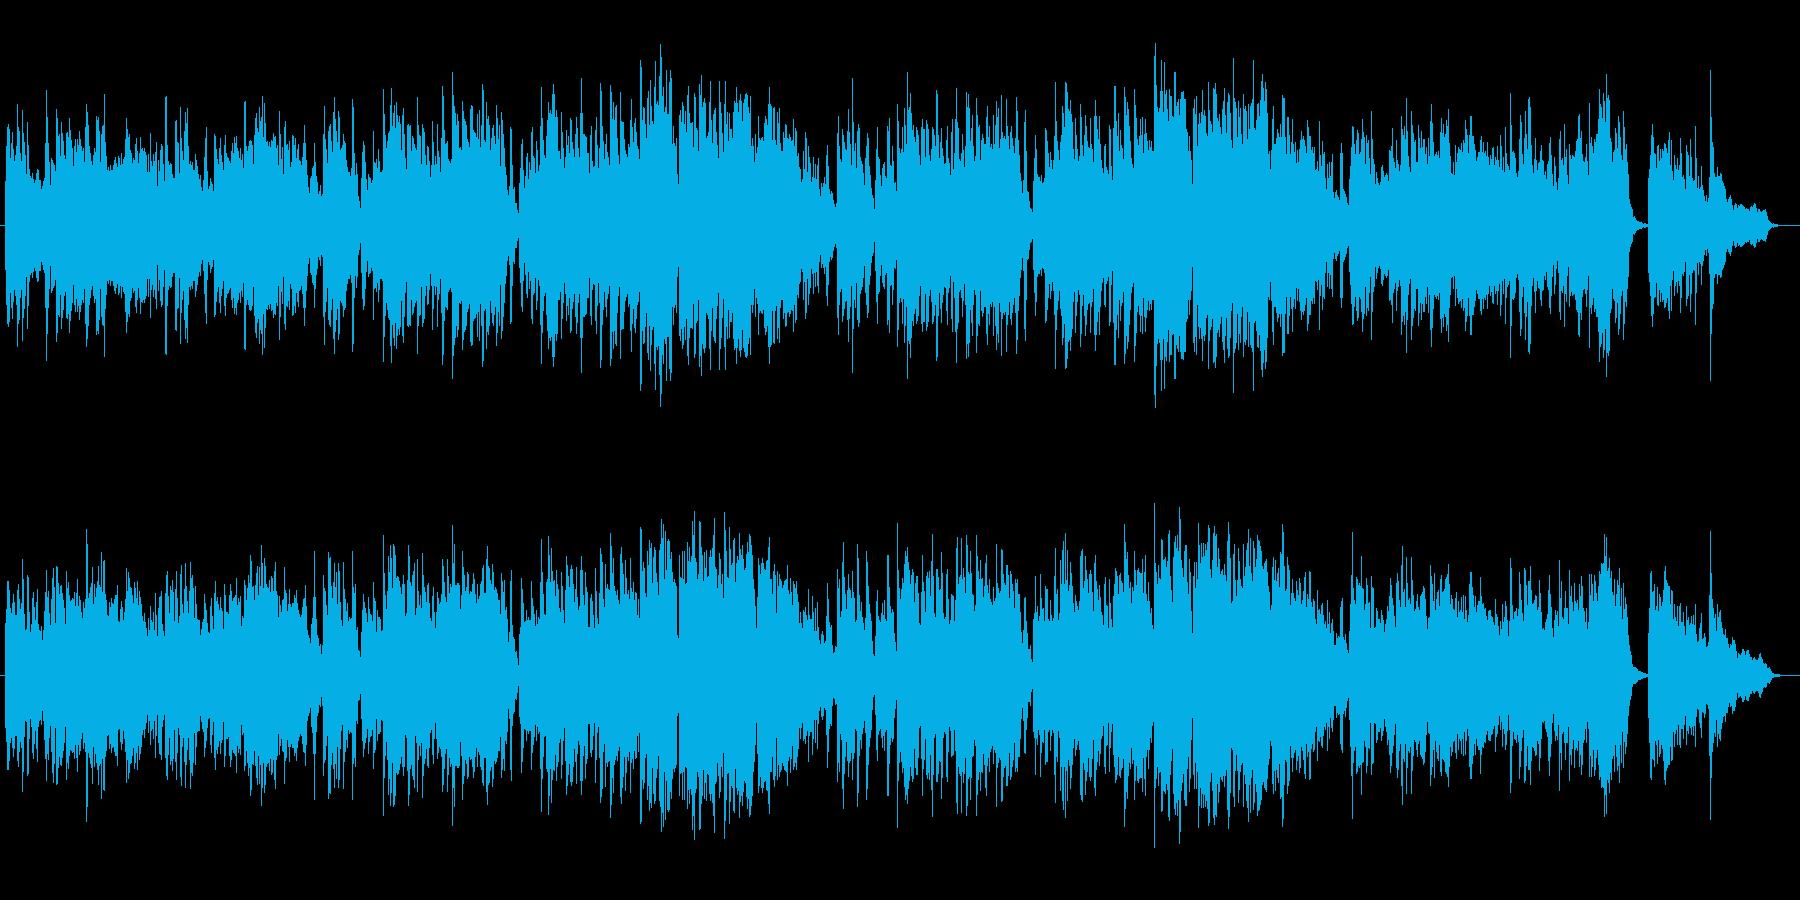 少し寂しげなピアノのスローミュージックの再生済みの波形